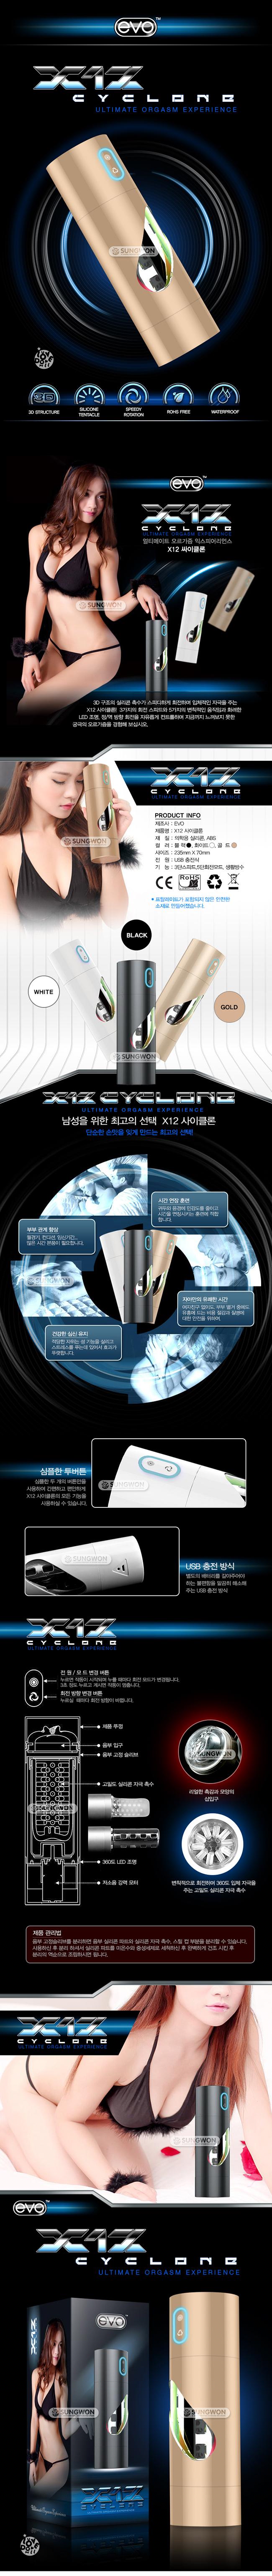 [회전 진동] X12 싸이클론(EVO X12 Cyclone) - 에보(EVO-016)